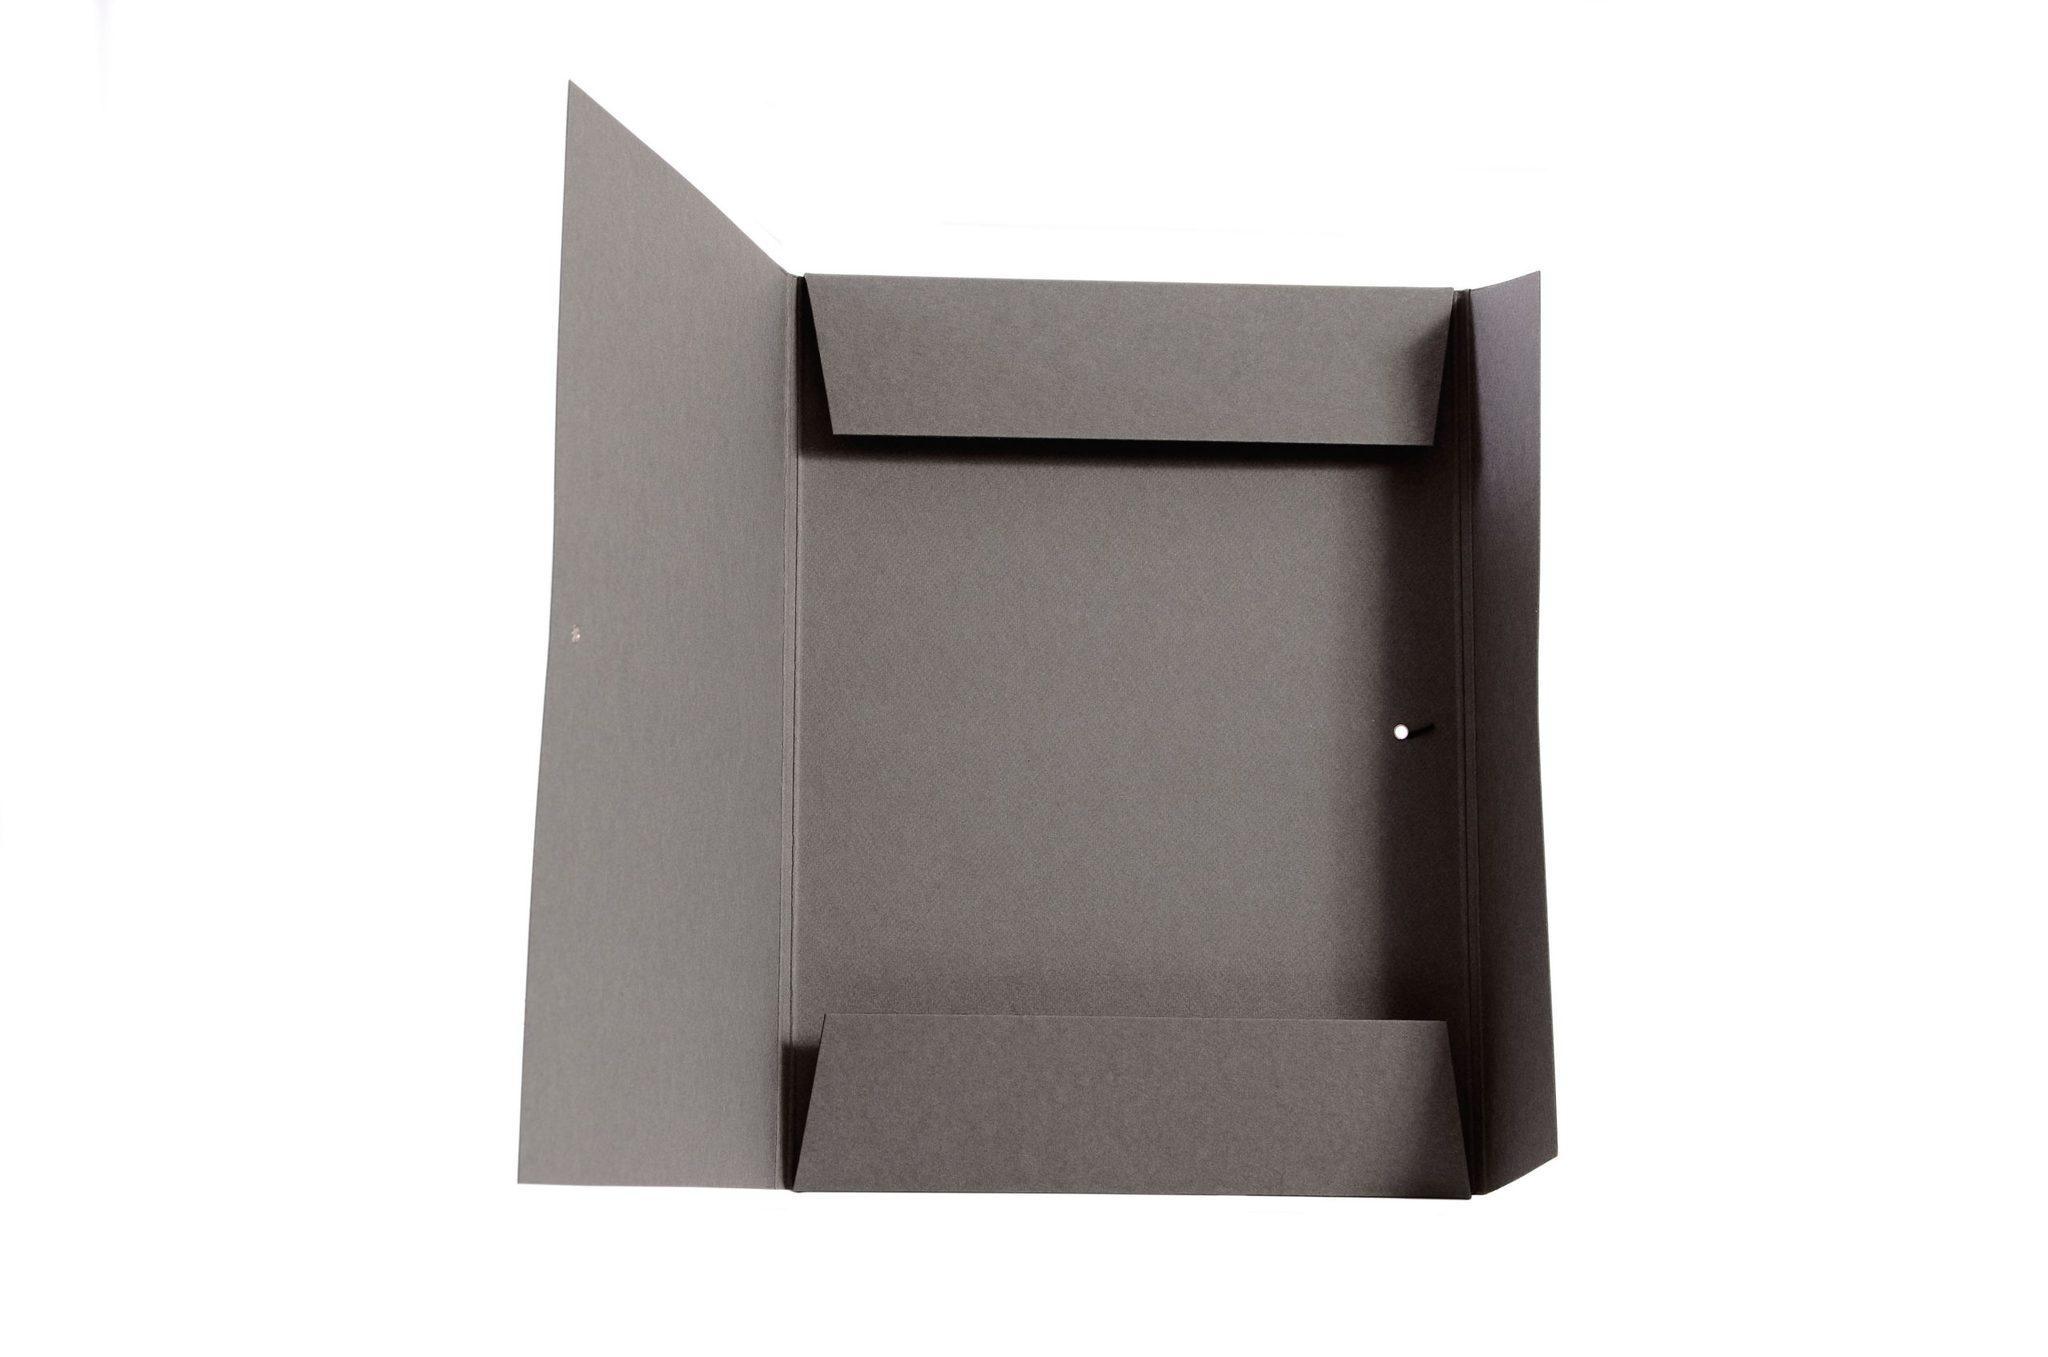 Вырубная папка  из плотного  600 гр  картона с вырубкой, резинкой и пуговицей